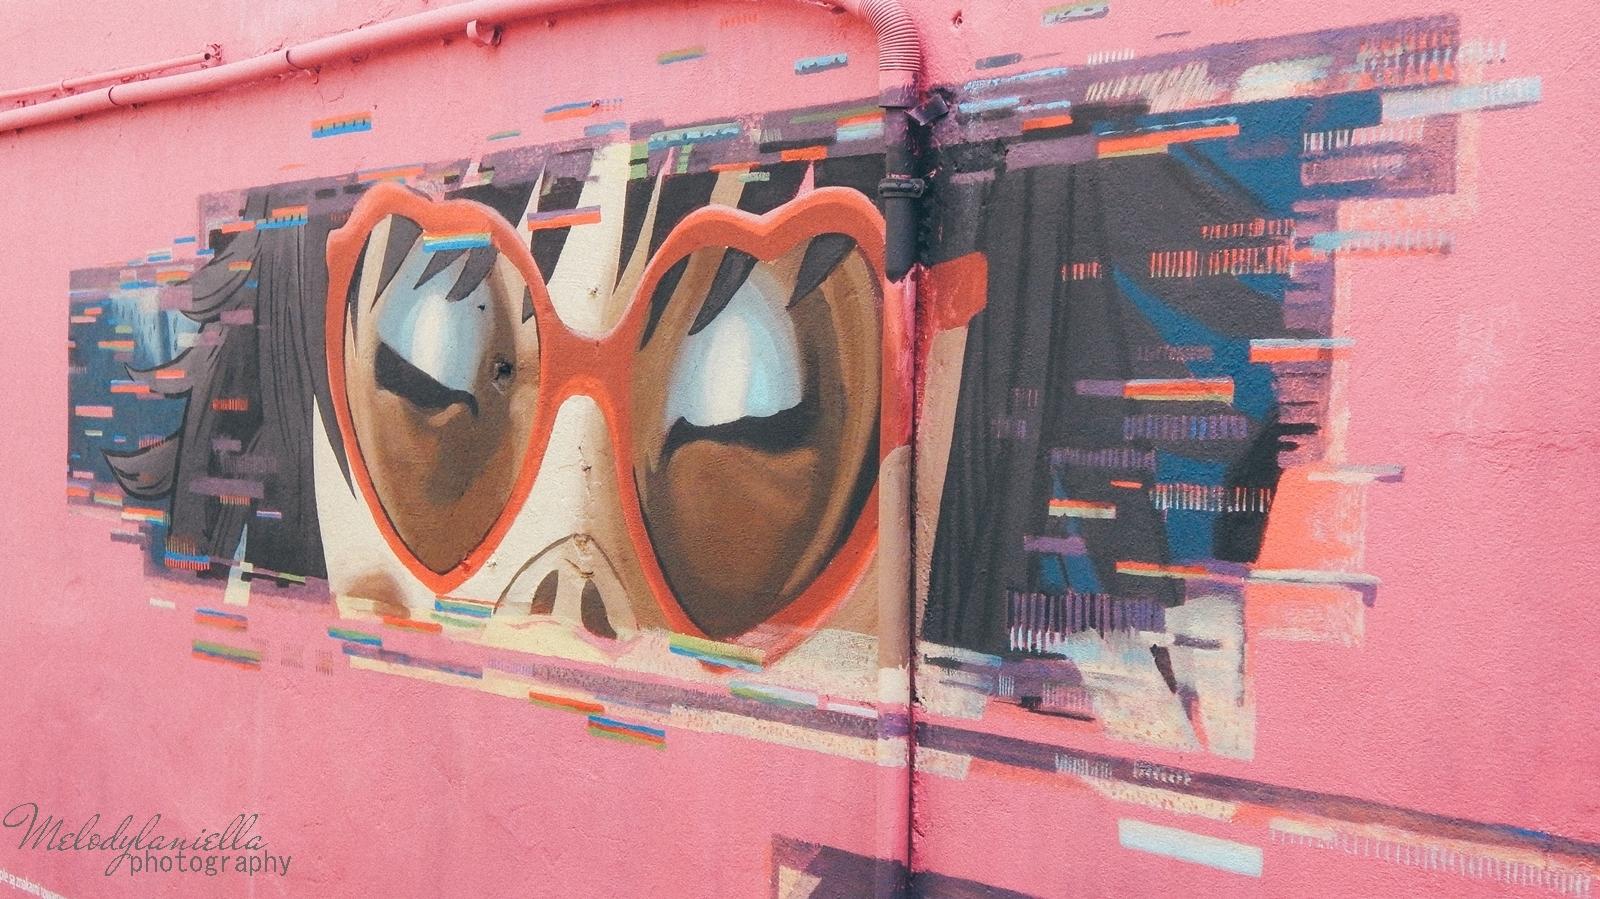 11 XV Łódź Street Food Festival. Uliczna uczta przy Piotrkowskiej 217 before food market lato co zjeść food truck festival łódź bangkok lody tajskie chińskie pierożki na parze baklava tacos kiełbasiarnia kofola